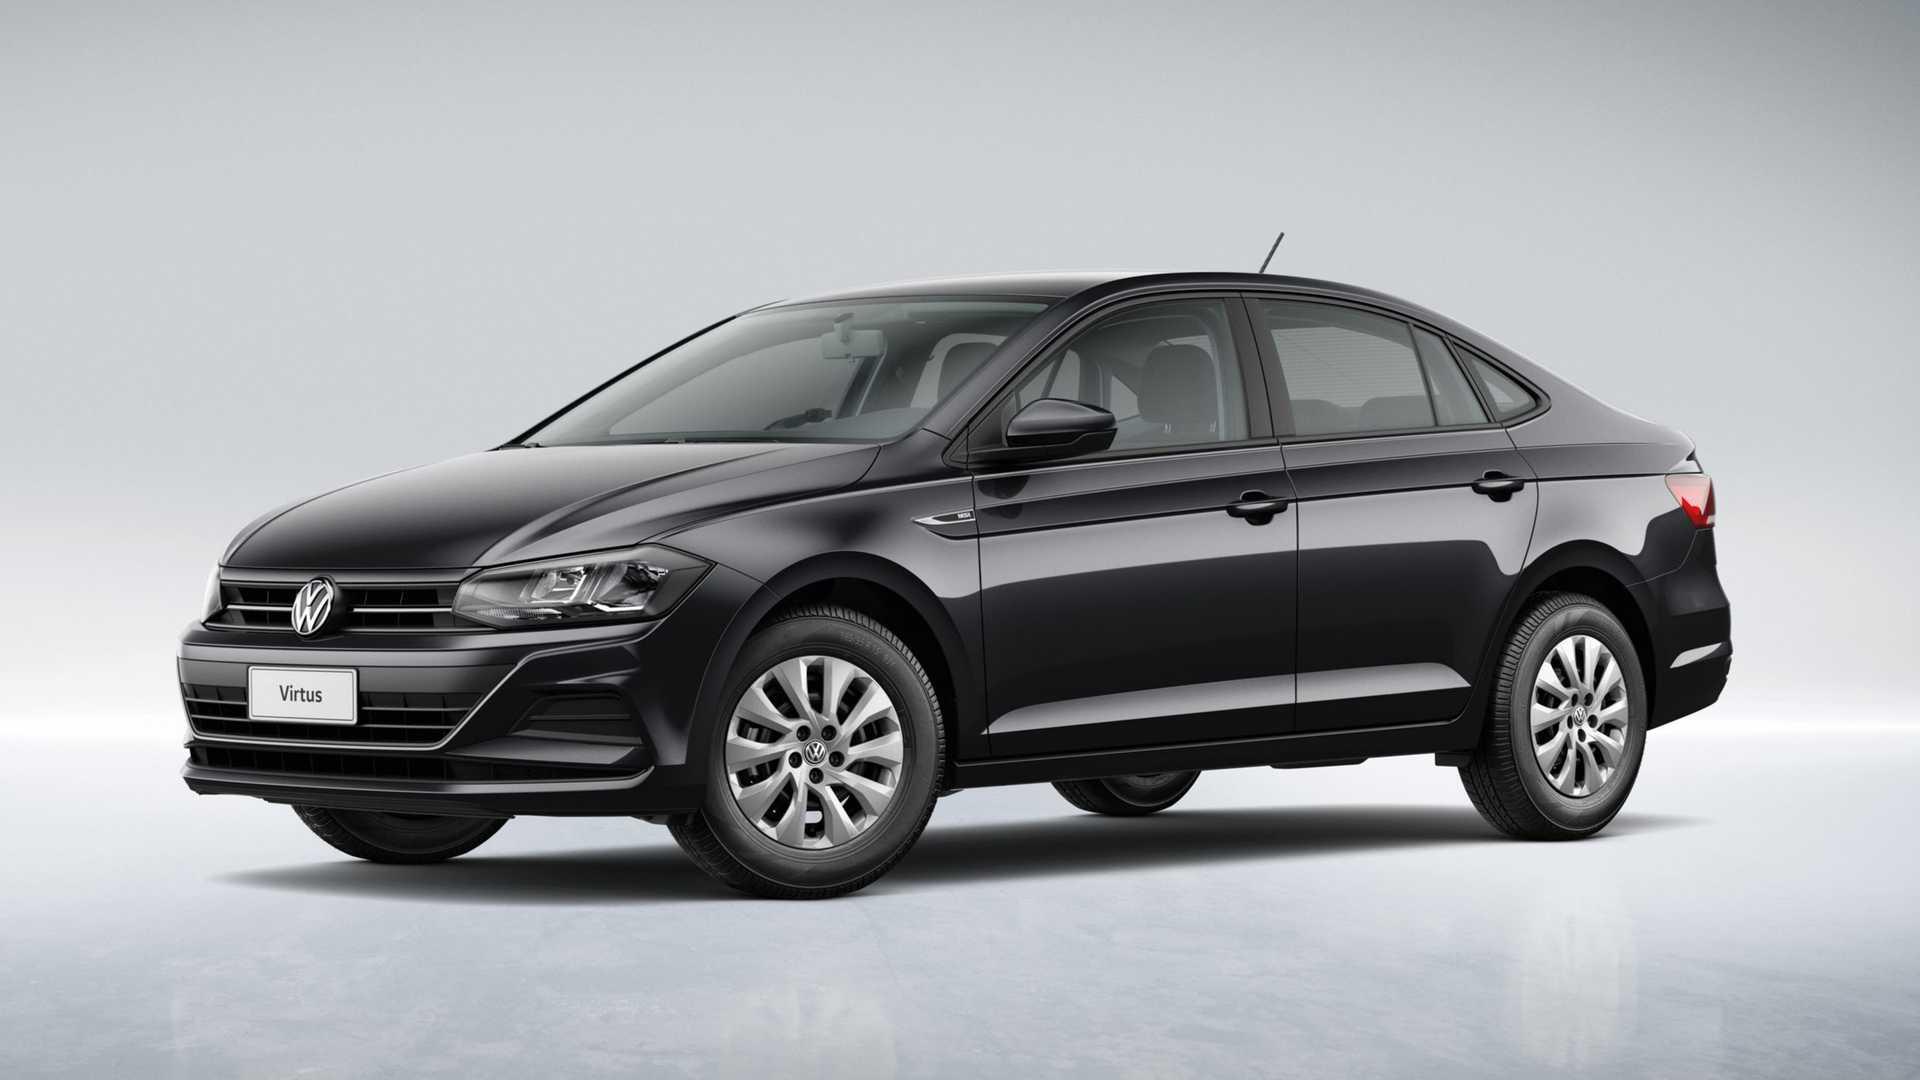 Chamada de Sense, versão do Polo e Virtus para PcD tem mais itens de série e motorização diferenciada. Preço sem as isenções é de R$ 70 mil.